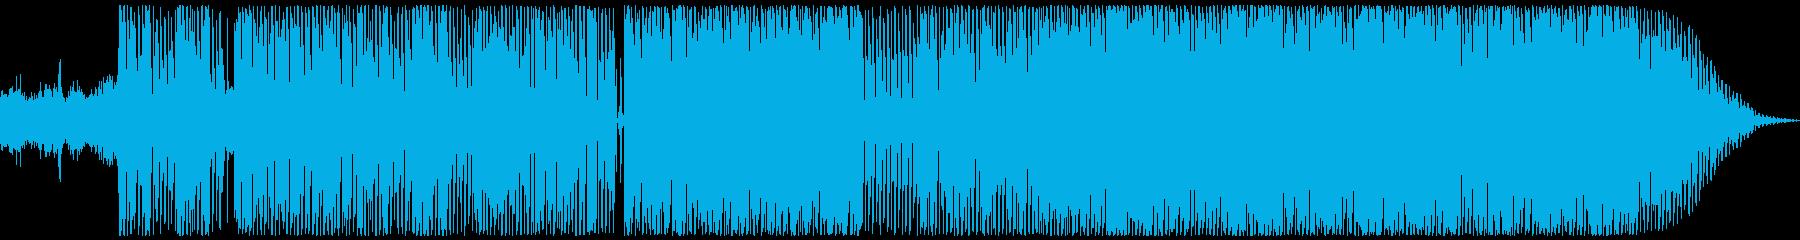 エレクトログルーブはハウスビートと...の再生済みの波形